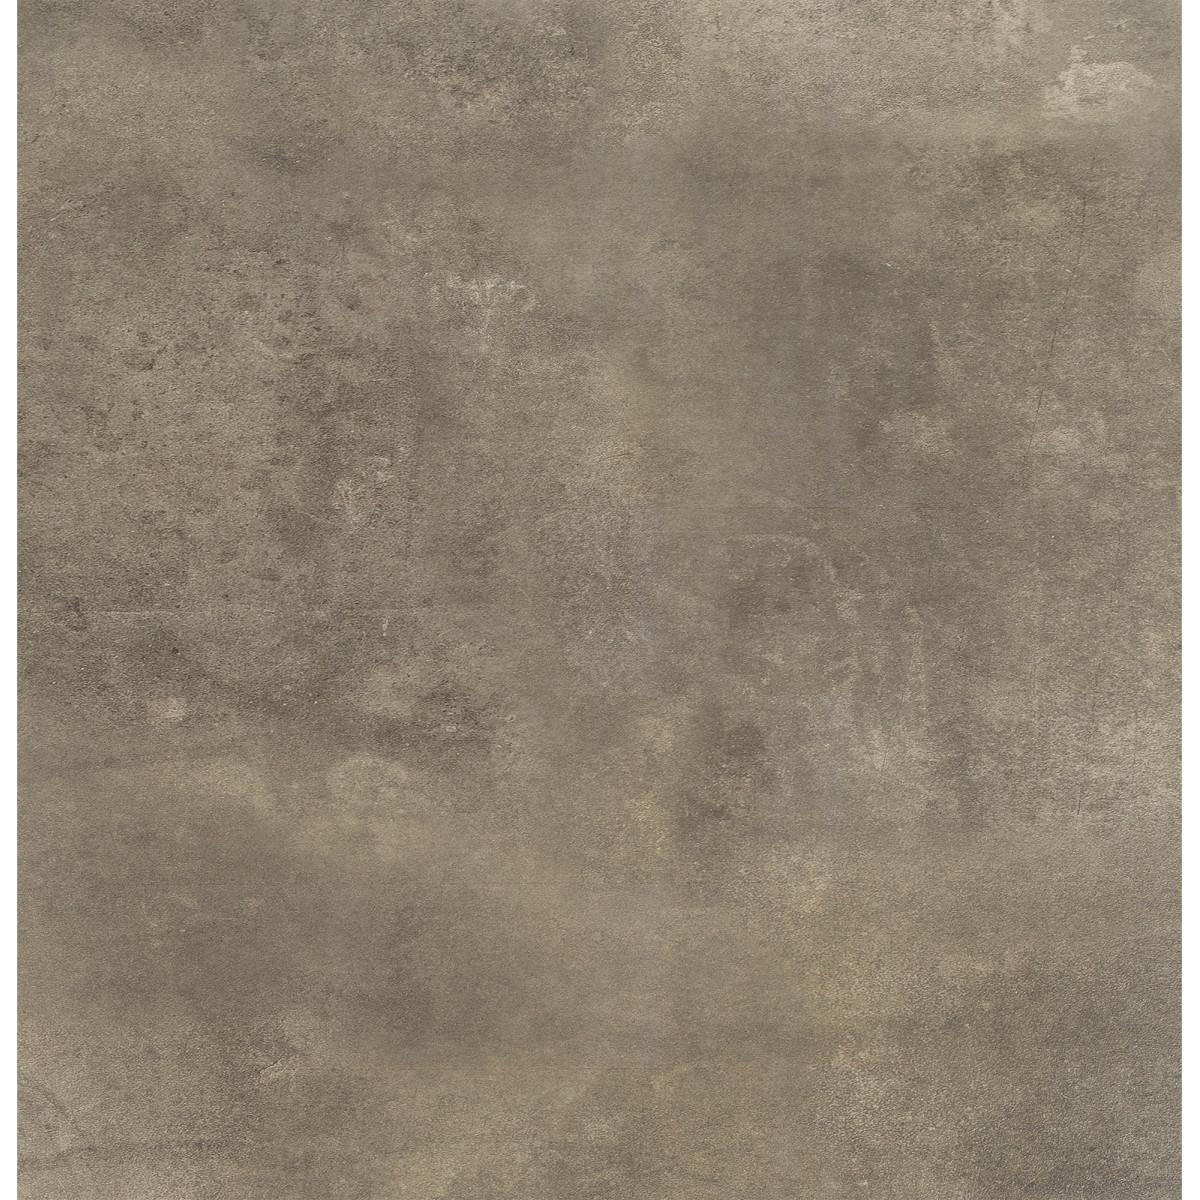 Керамогранит Bastion 40x40 см 176 м² цвет тёмно-серый